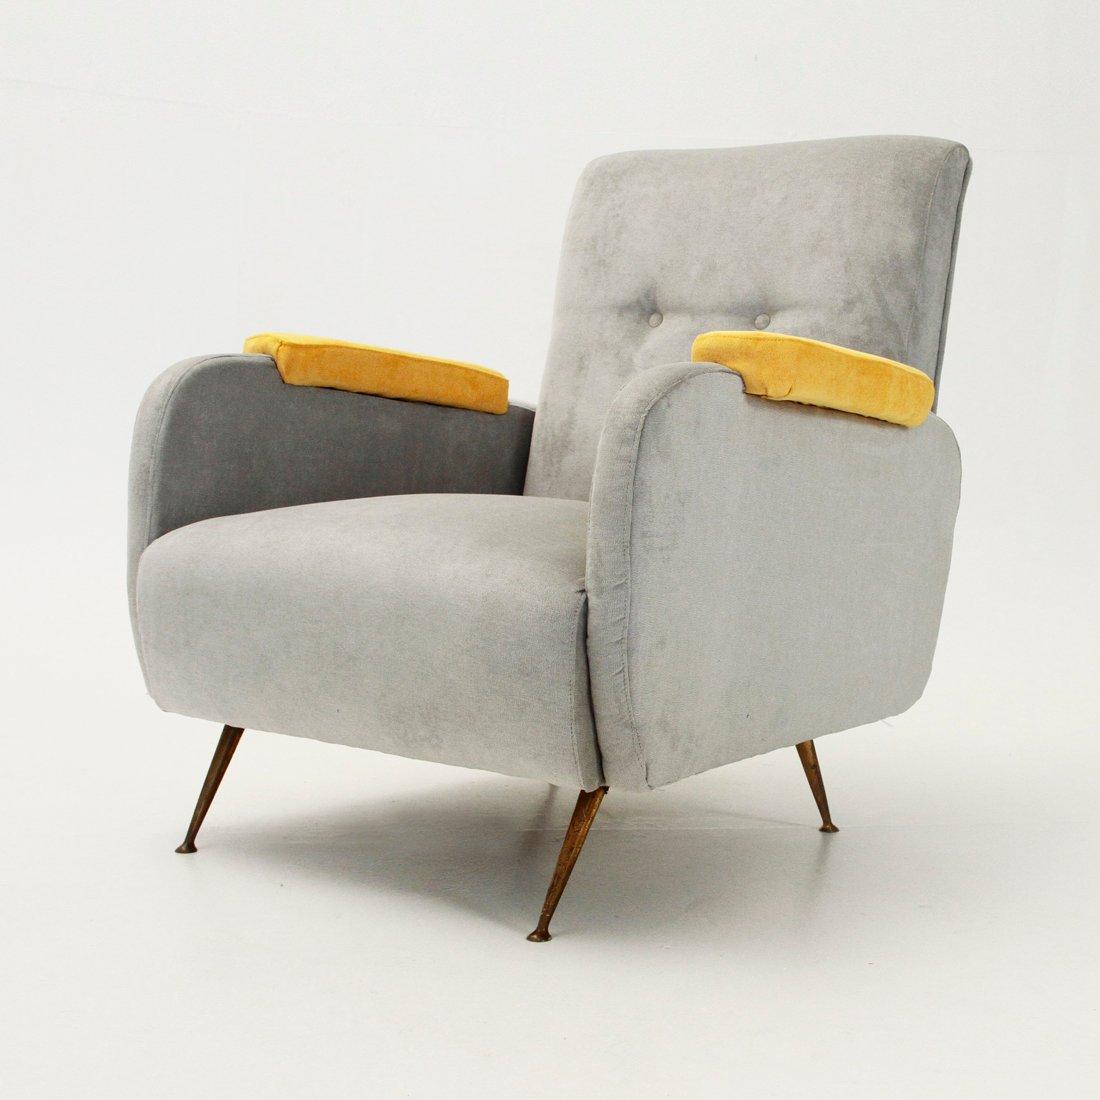 italienischer mid century sessel mit gelben armlehnen 1950er bei pamono kaufen. Black Bedroom Furniture Sets. Home Design Ideas